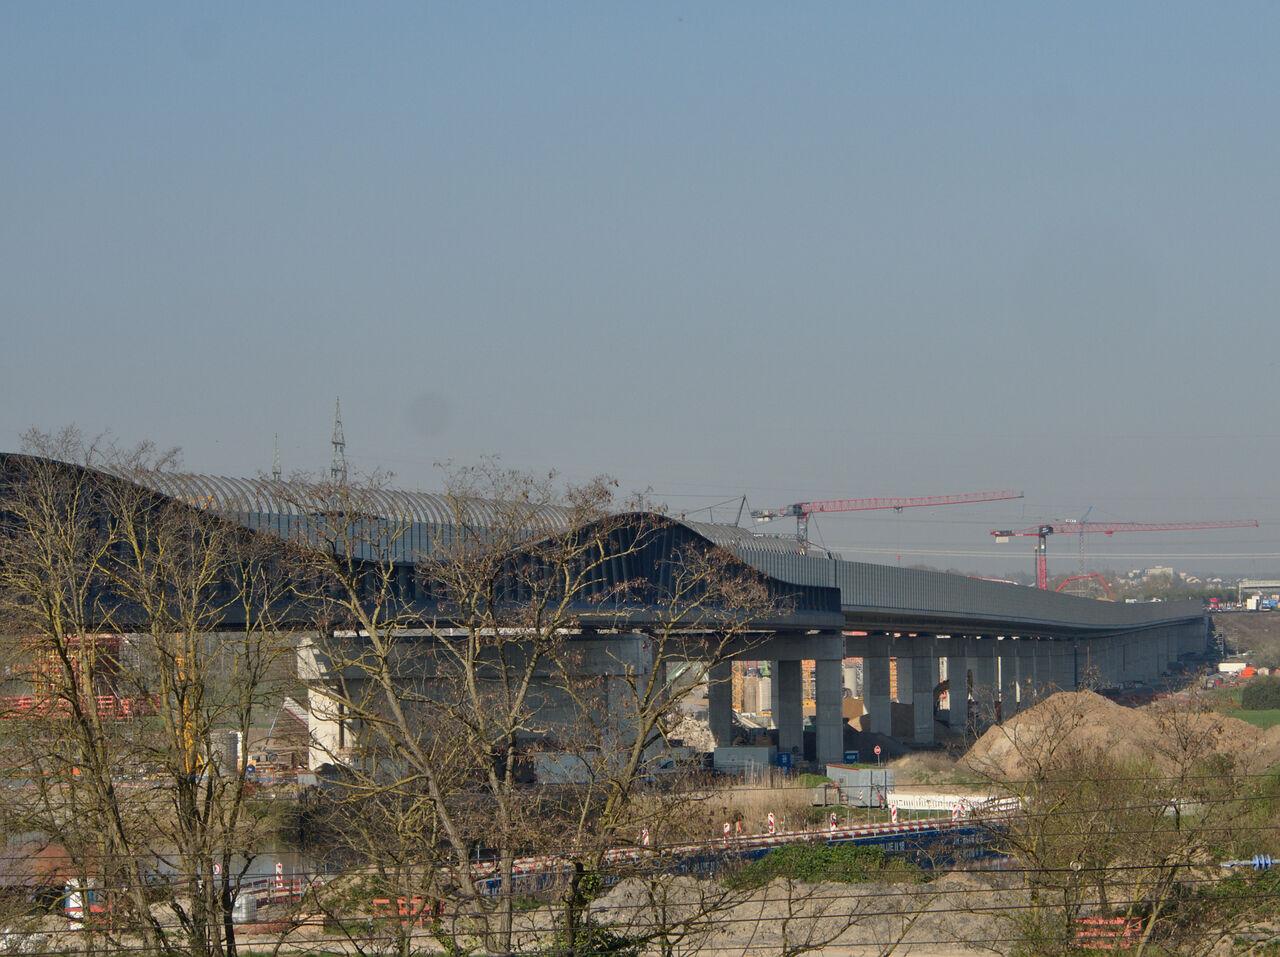 20200407_Autobahn_Neckarsulm_010